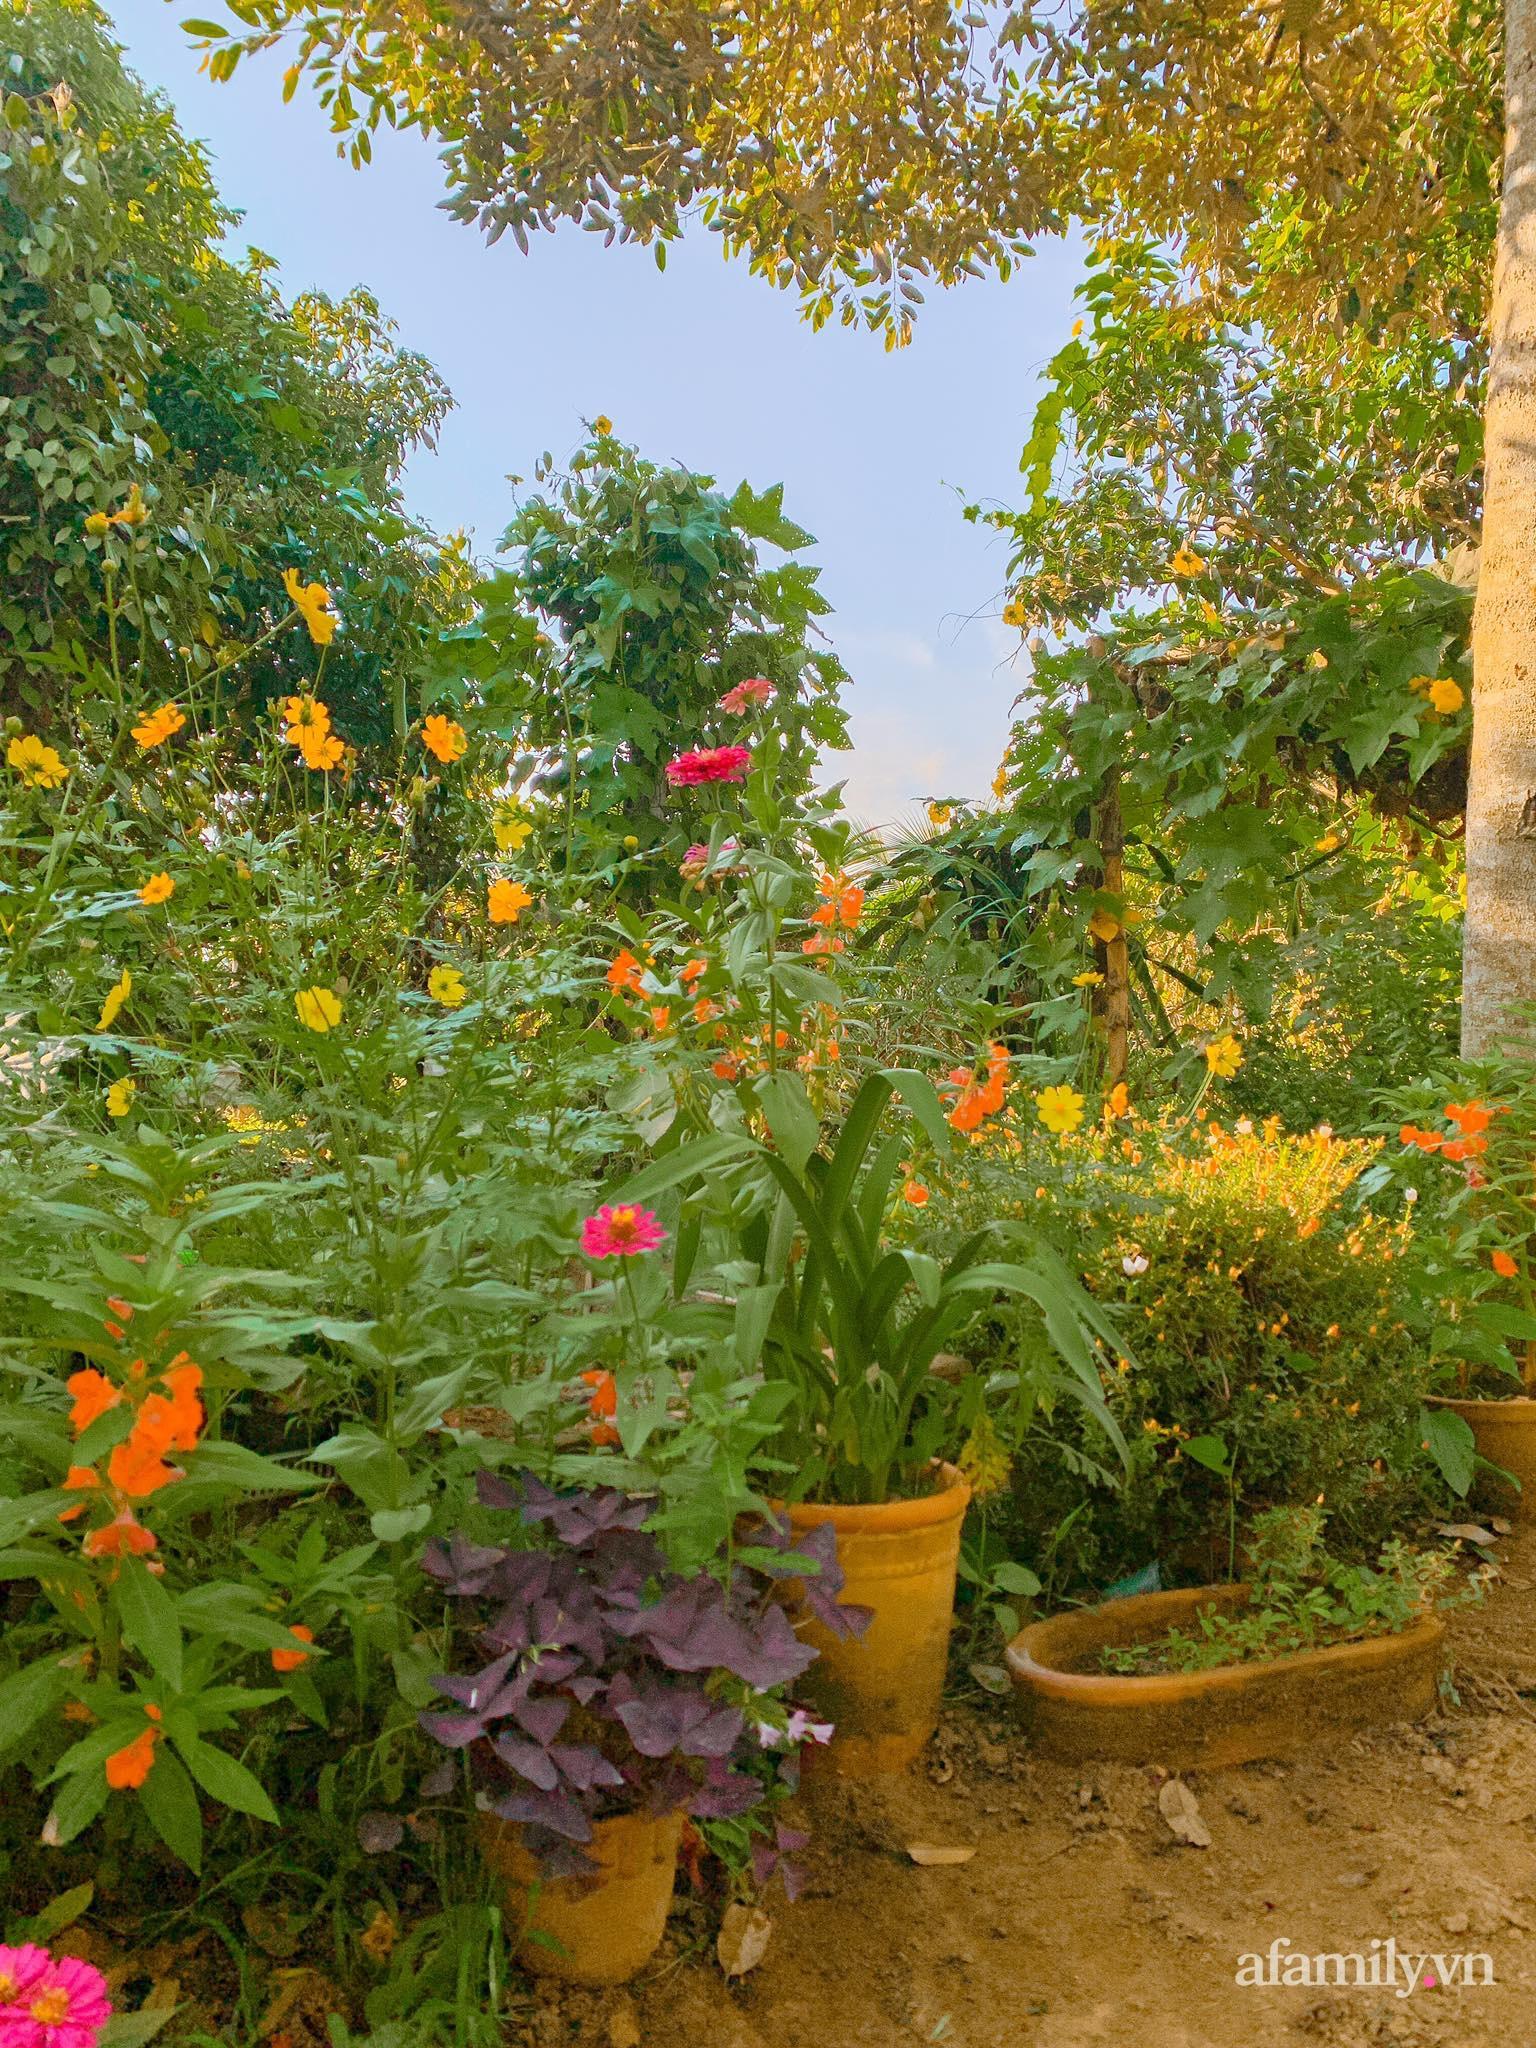 Chán cuộc sống bon chen ở phố, cặp vợ chồng 9X có thu nhập ổn định quyết định chọn về quê sống bình yên bên vườn tược ở Đắk Lắk - Ảnh 7.